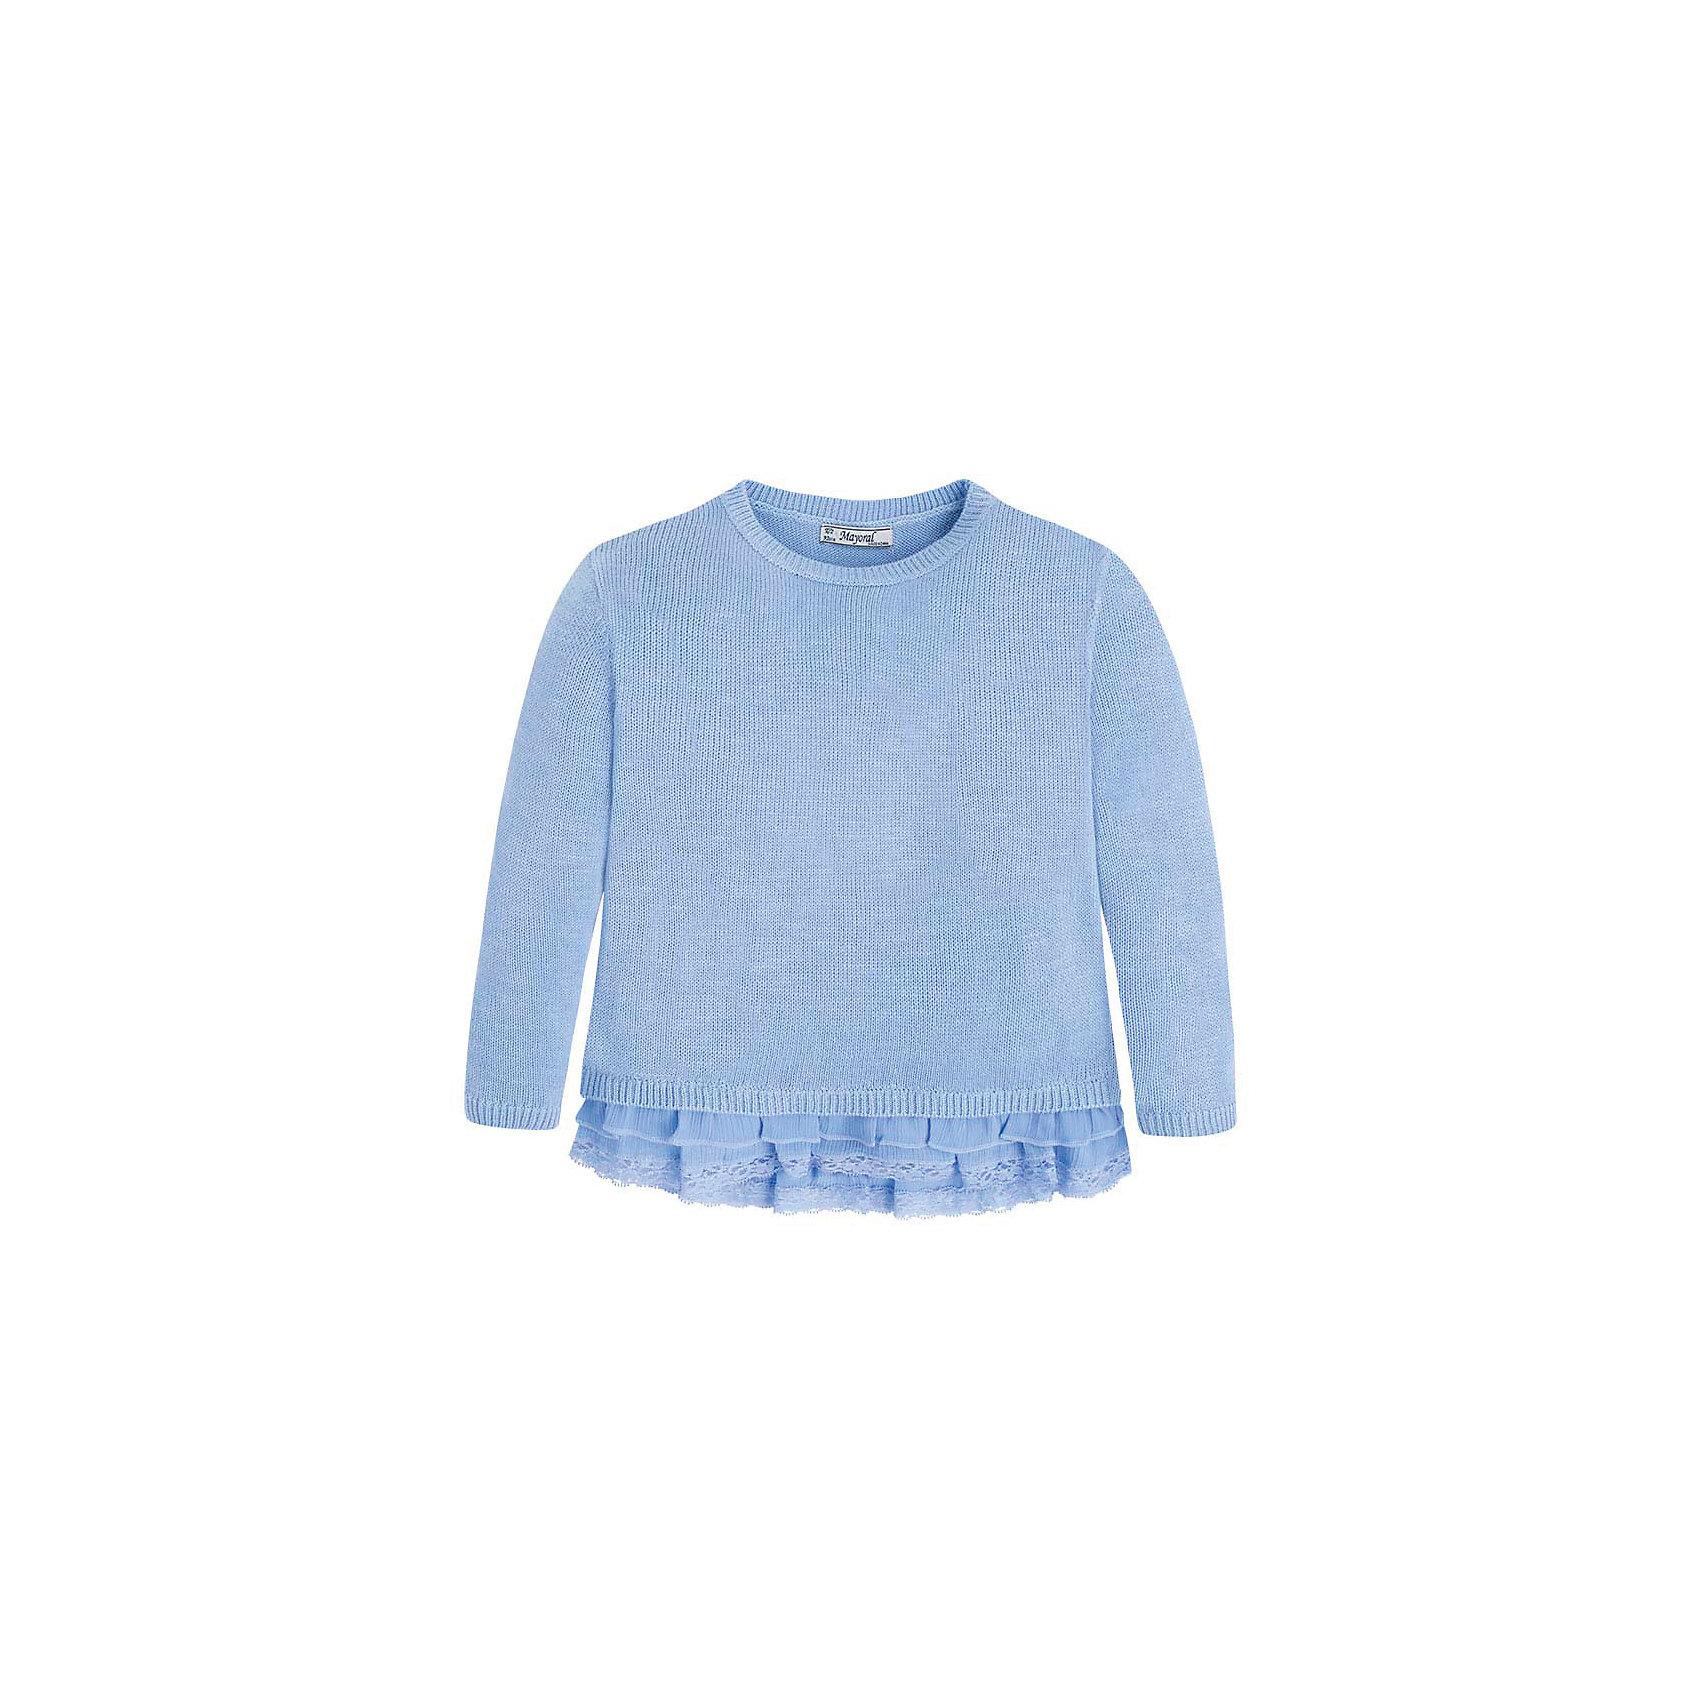 Свитер для девочки MayoralСвитер для девочки от известной испанской марки Mayoral <br><br>Модный свитер от Mayoral актуален в прохладную погоду. Он прекрасно сочетается с различным низом.  Модель выполнена из качественных материалов, отлично садится по фигуре.<br><br>Особенности модели:<br><br>- цвет: голубой;<br>- рукава длинные;<br>- круглый горловой вырез;<br>- низ отделан шифоном и кружевом.<br><br>Дополнительная информация:<br><br>Состав: 47% хлопок, 25% вискоза, 25% полиэстер, 3% металл<br><br>Свитер для девочки Mayoral (Майорал) можно купить в нашем магазине.<br><br>Ширина мм: 190<br>Глубина мм: 74<br>Высота мм: 229<br>Вес г: 236<br>Цвет: голубой<br>Возраст от месяцев: 48<br>Возраст до месяцев: 60<br>Пол: Женский<br>Возраст: Детский<br>Размер: 110,98,134,92,116,104,122,128<br>SKU: 4542051